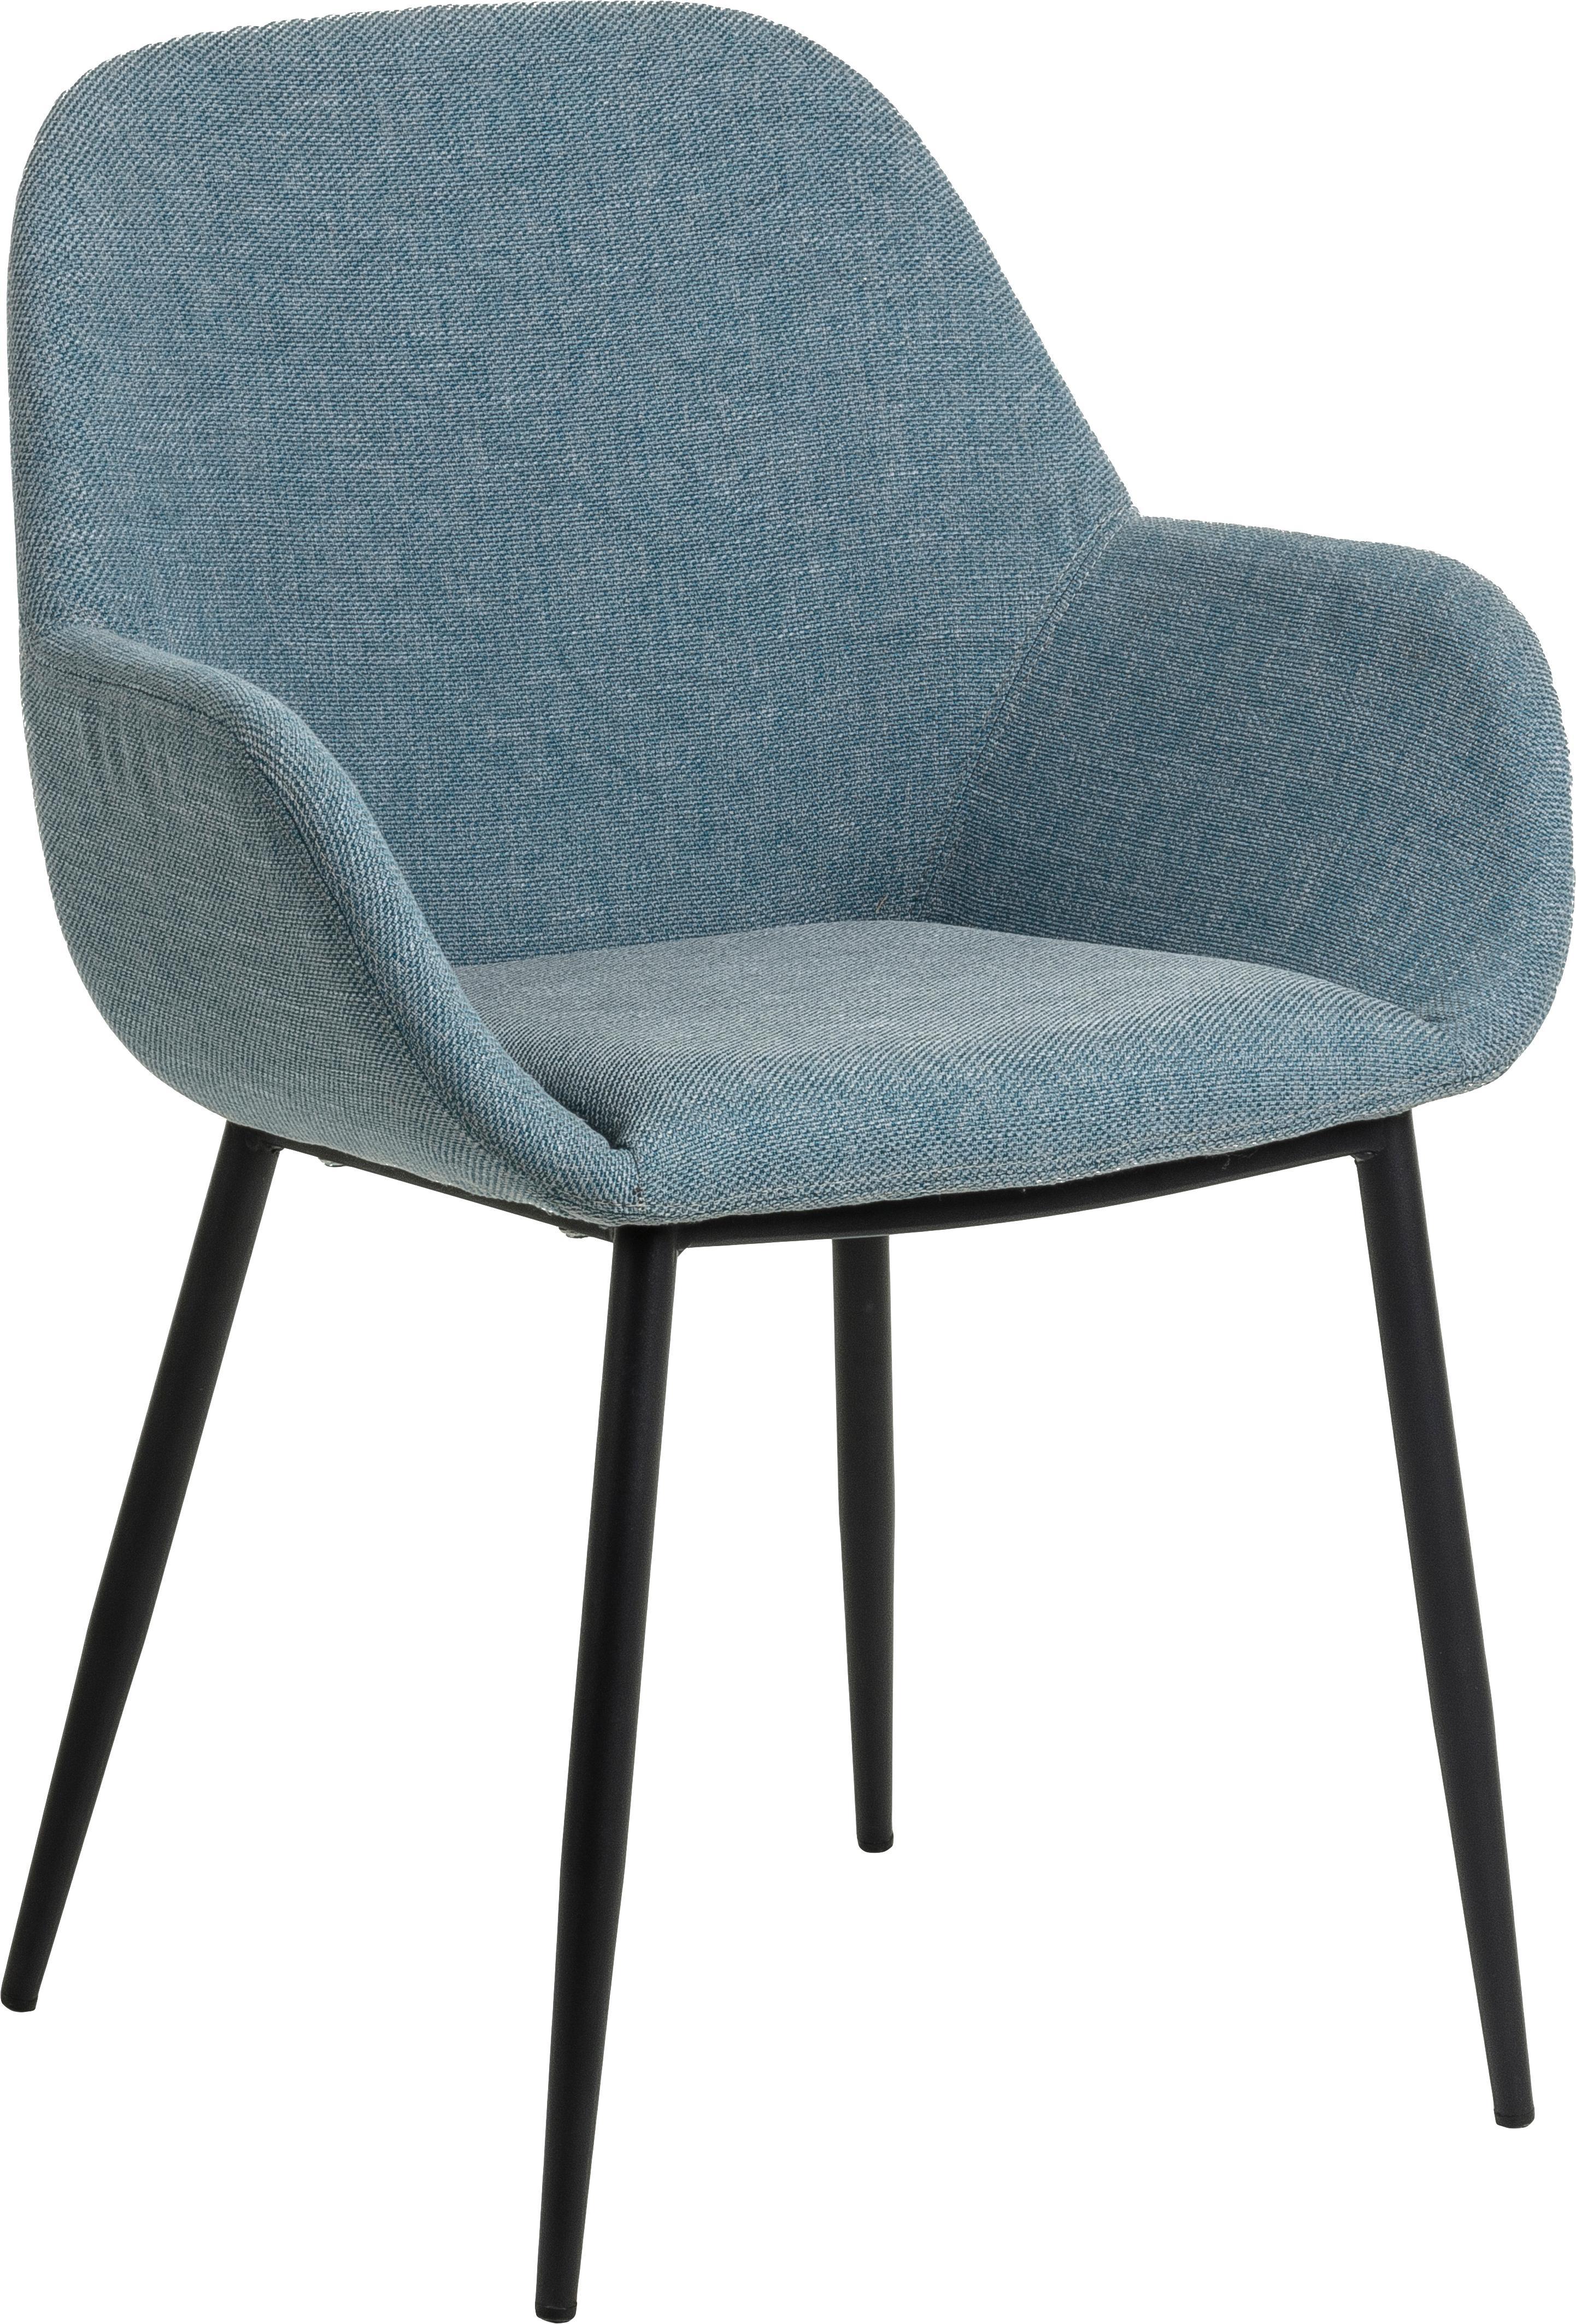 Krzesło z podłokietnikami Kona, 2szt., Tapicerka: poliester 50000 cykli w , Nogi: metal lakierowany, Niebieski, S 59 x G 52 cm